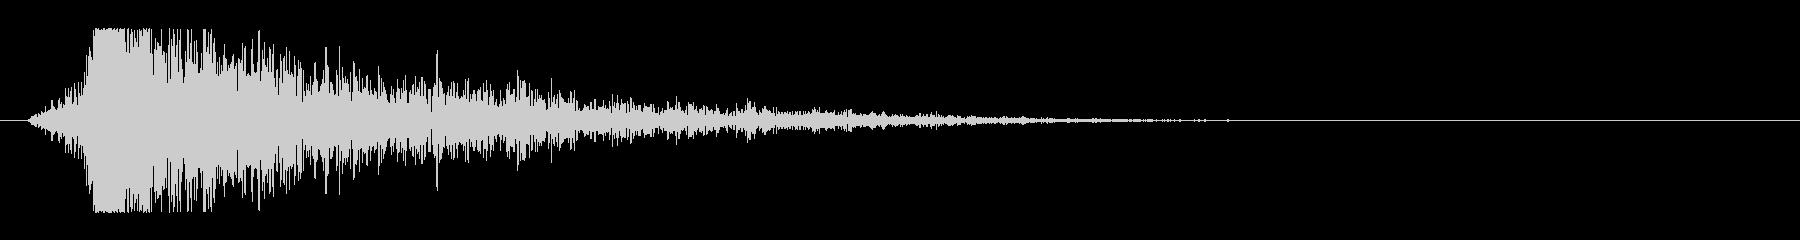 シュードーン-16(インパクト音)の未再生の波形